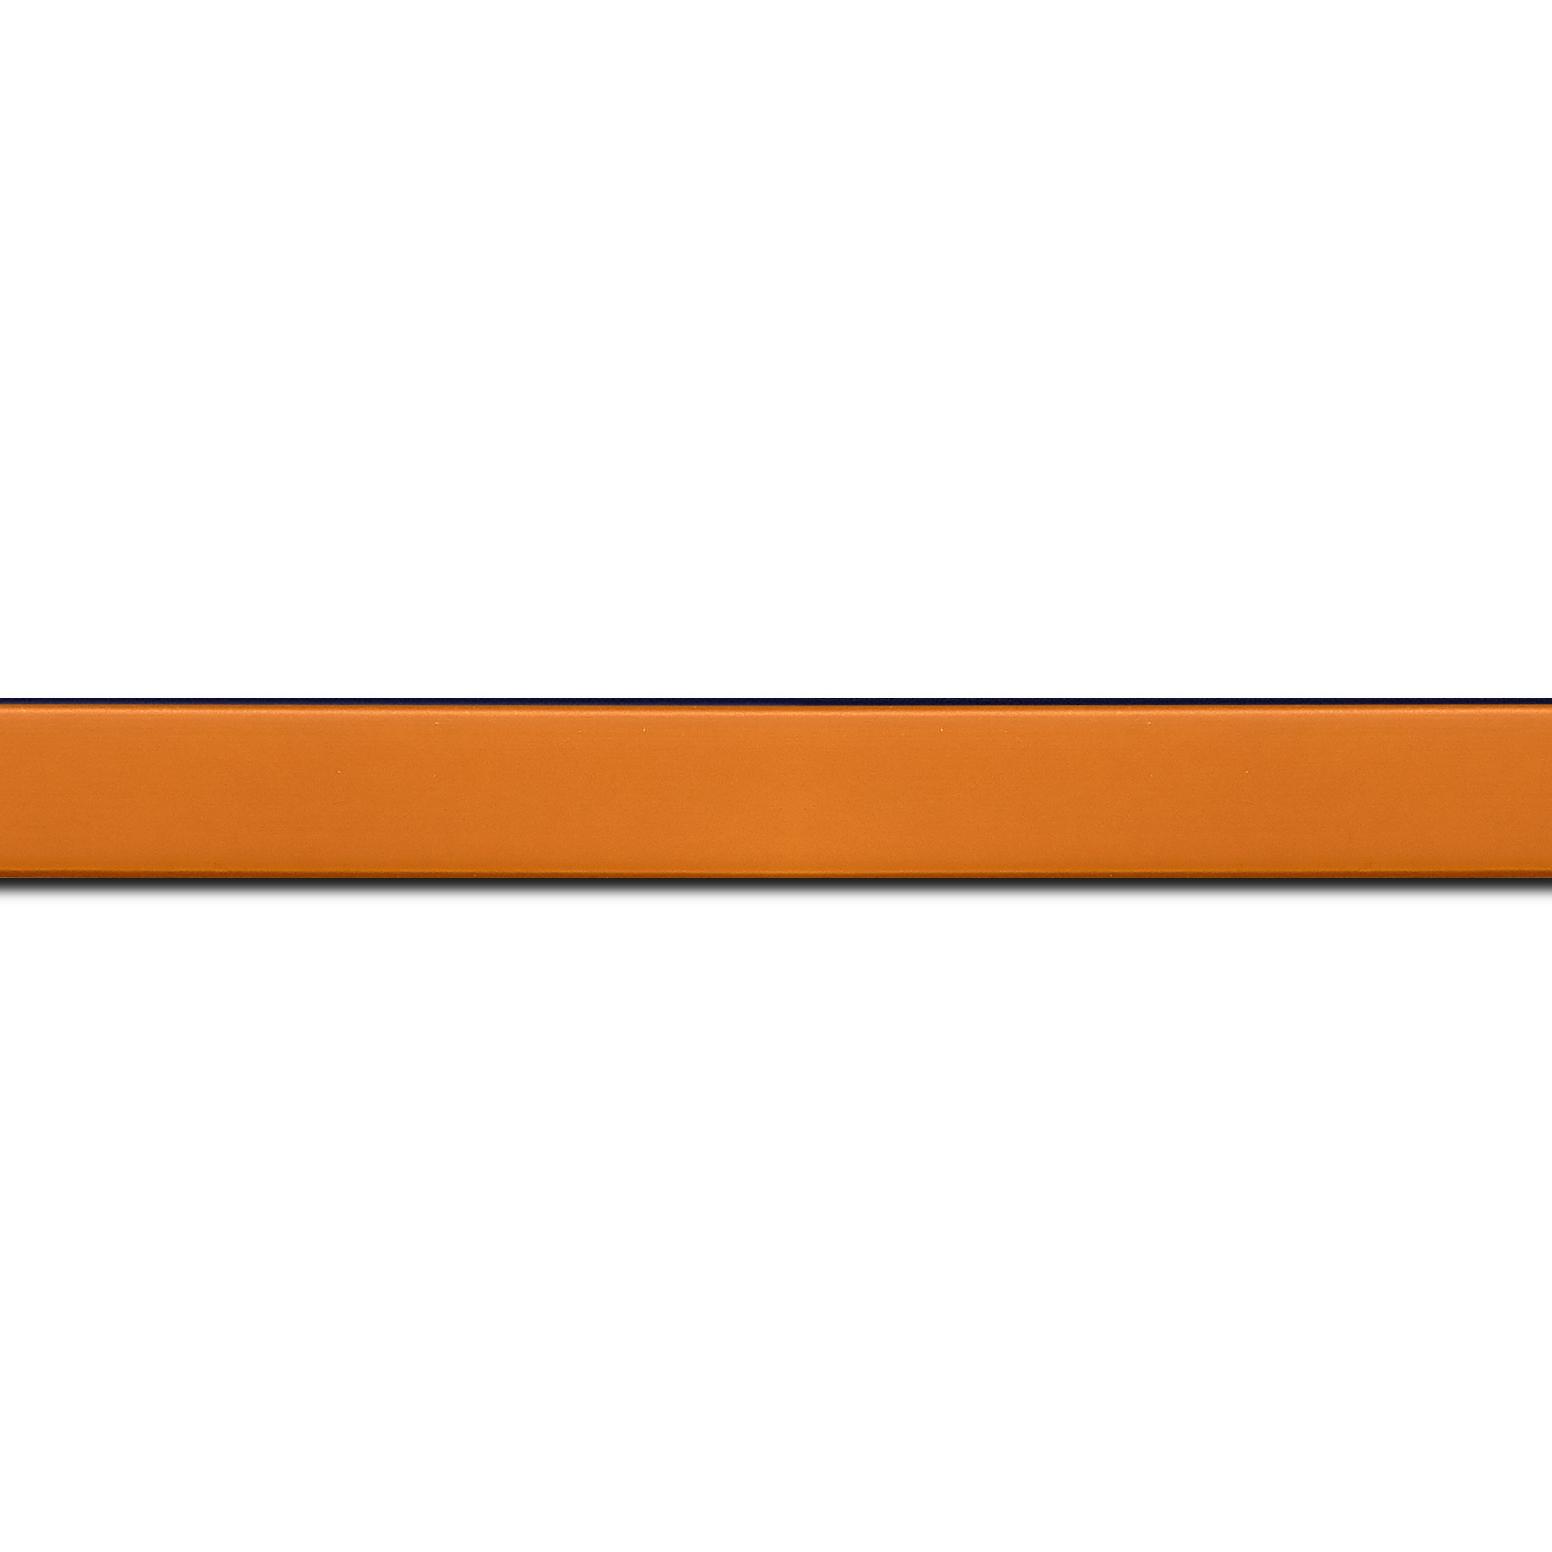 Baguette longueur 1.40m bois profil plat effet cube largeur 1.7cm couleur abricot satiné